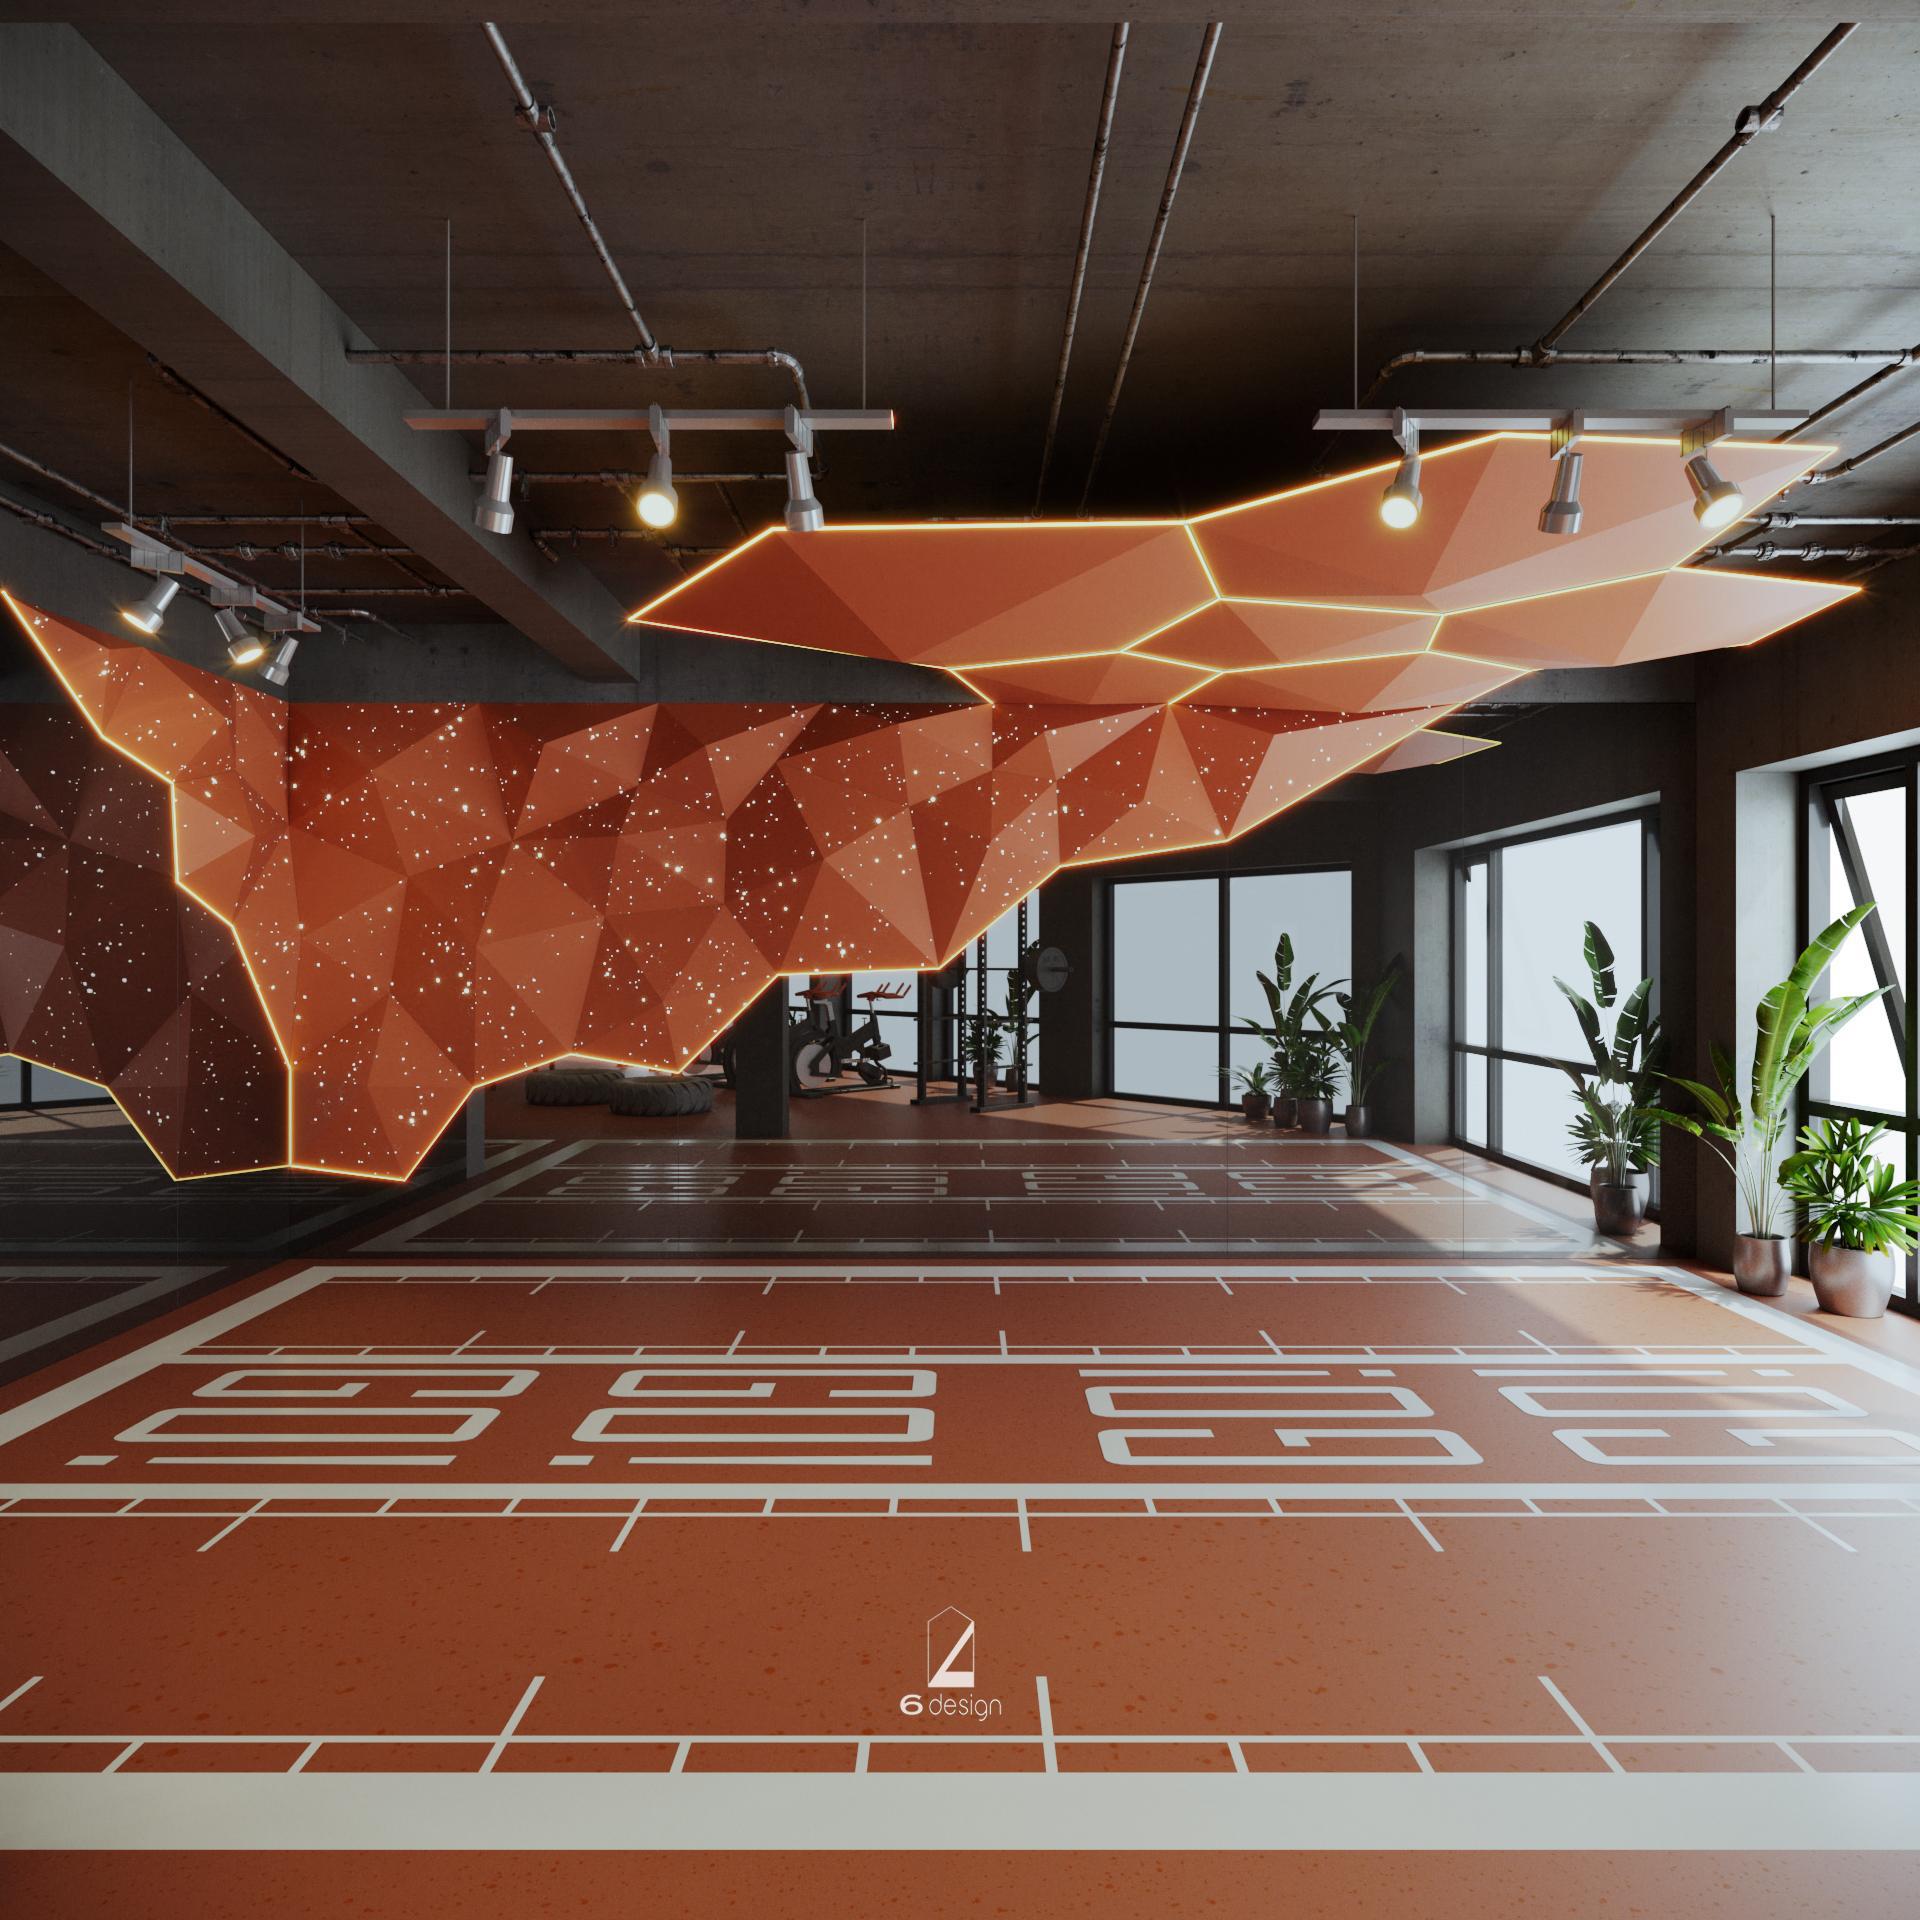 quy trình khảo sát thiết kế phòng gym của 6 Design